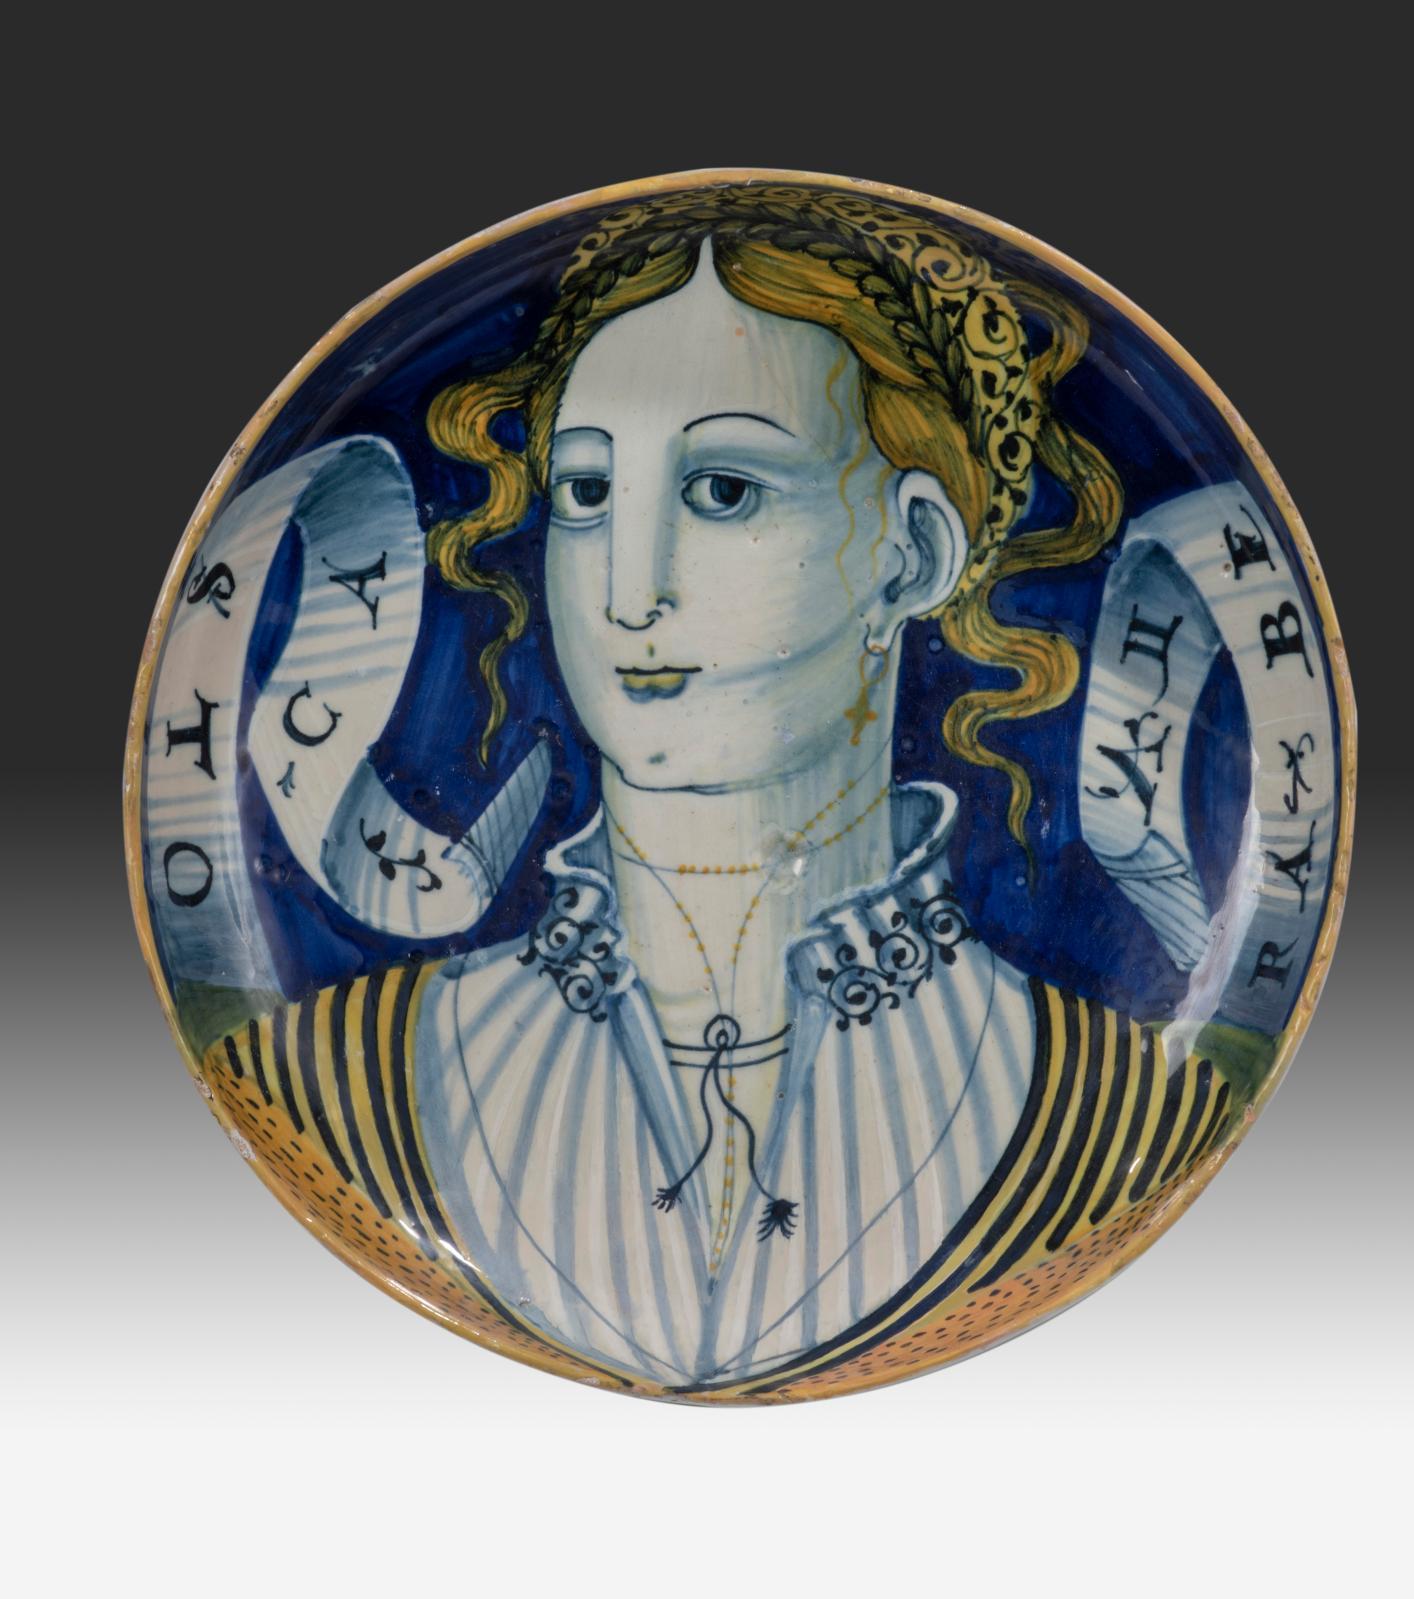 Casteldurante, XVIesiècle. Grande coupe à décor polychrome en plein sur fond bleu d'une Bella de face, inscription «TOCA RA BELLA», filet jaune sur l